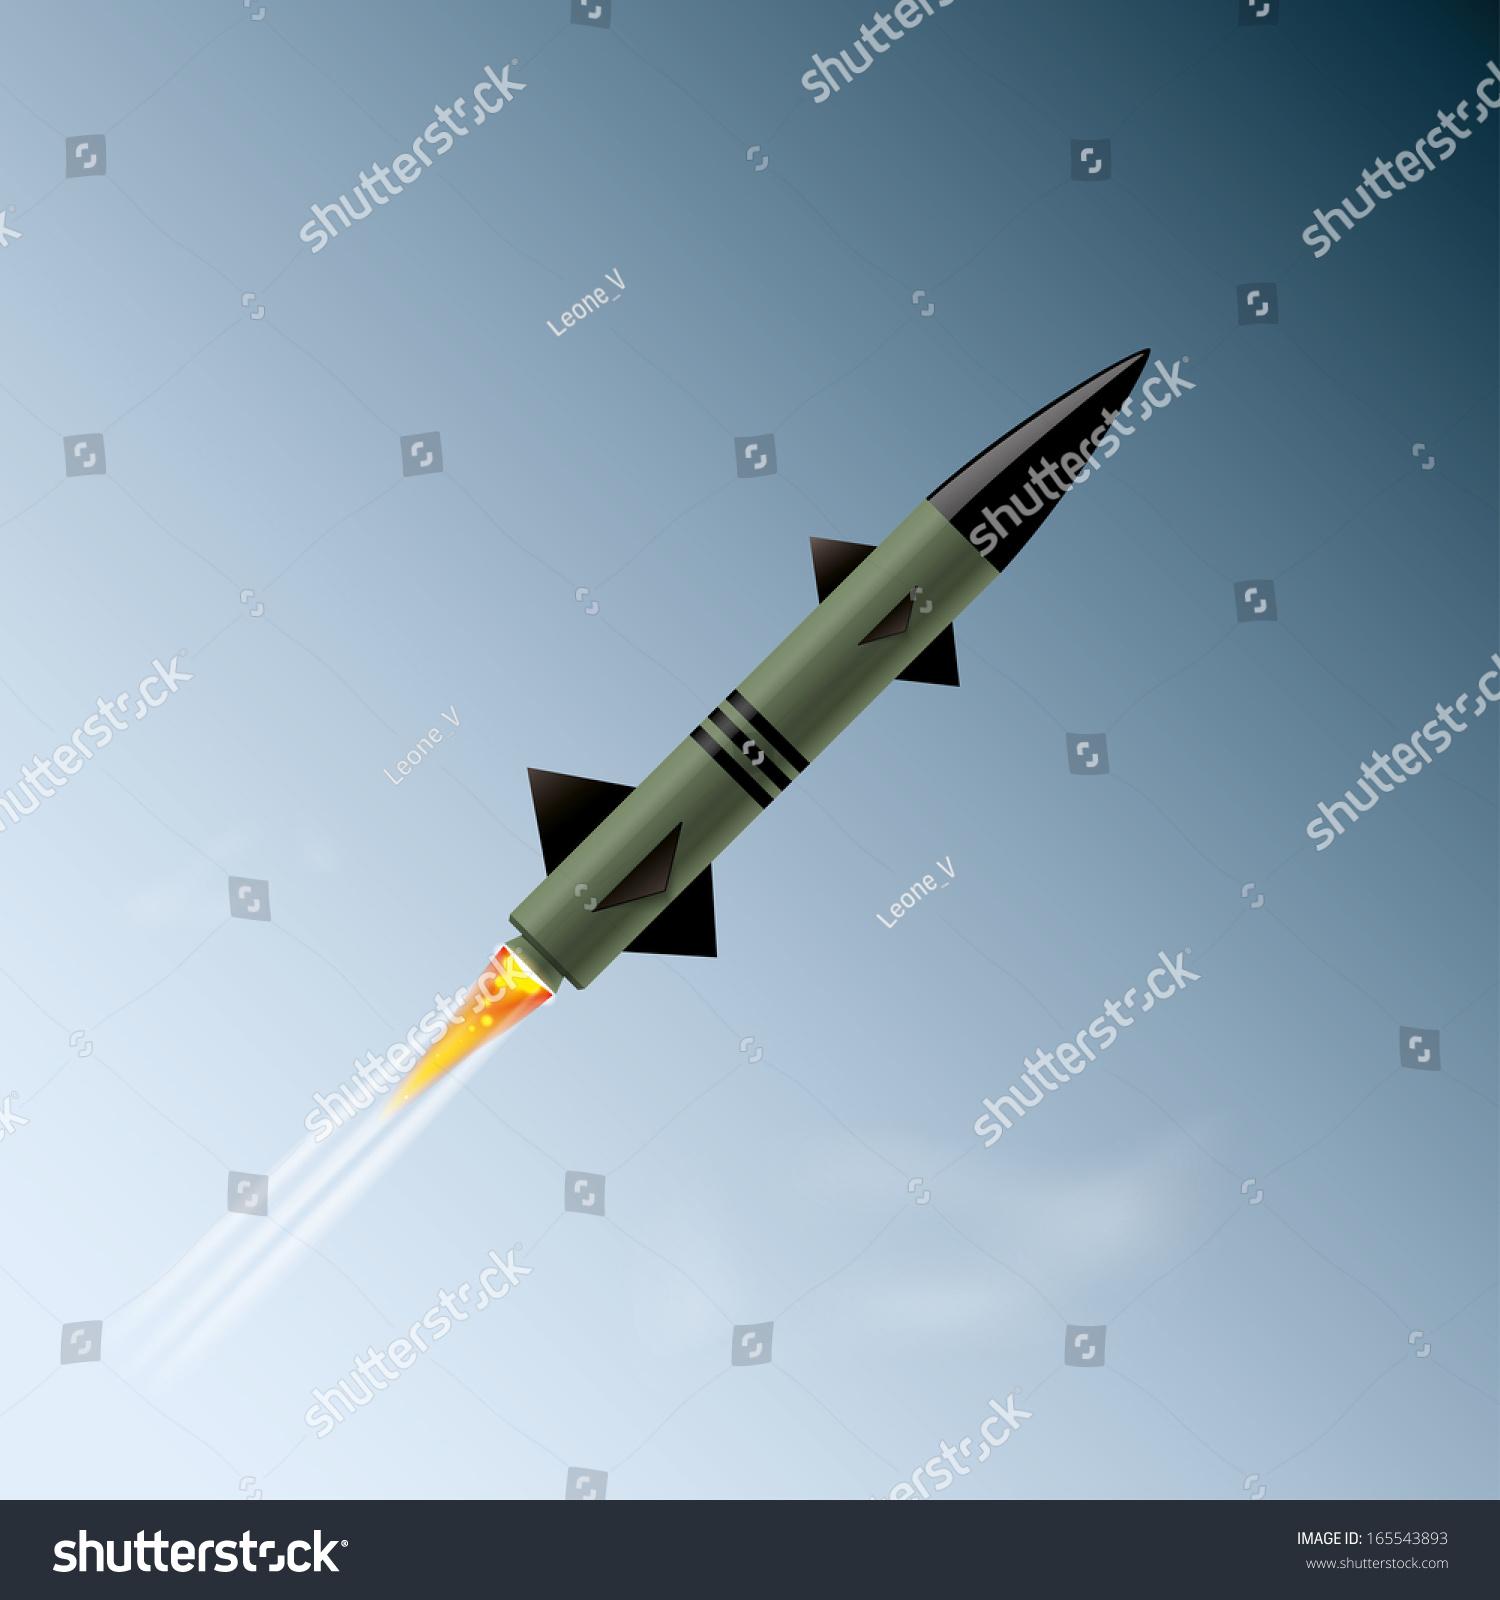 Rocket Sky Vector Illustration Eps10 Stock Vector